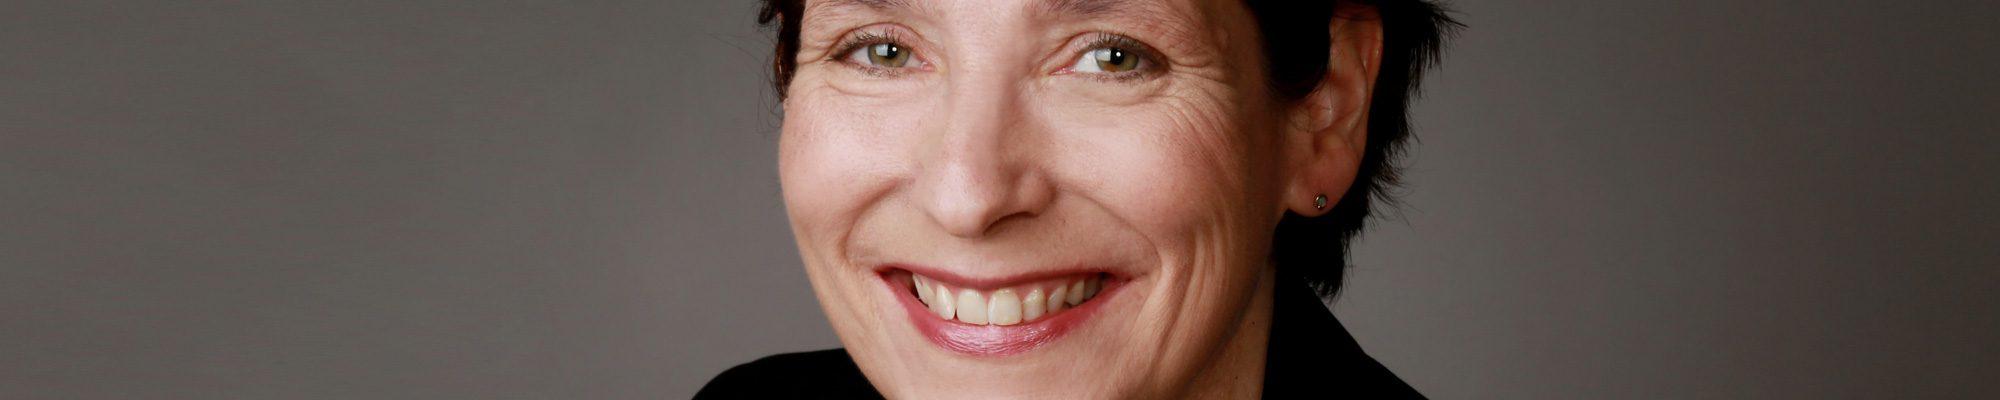 Portätfoto von Julia Breker